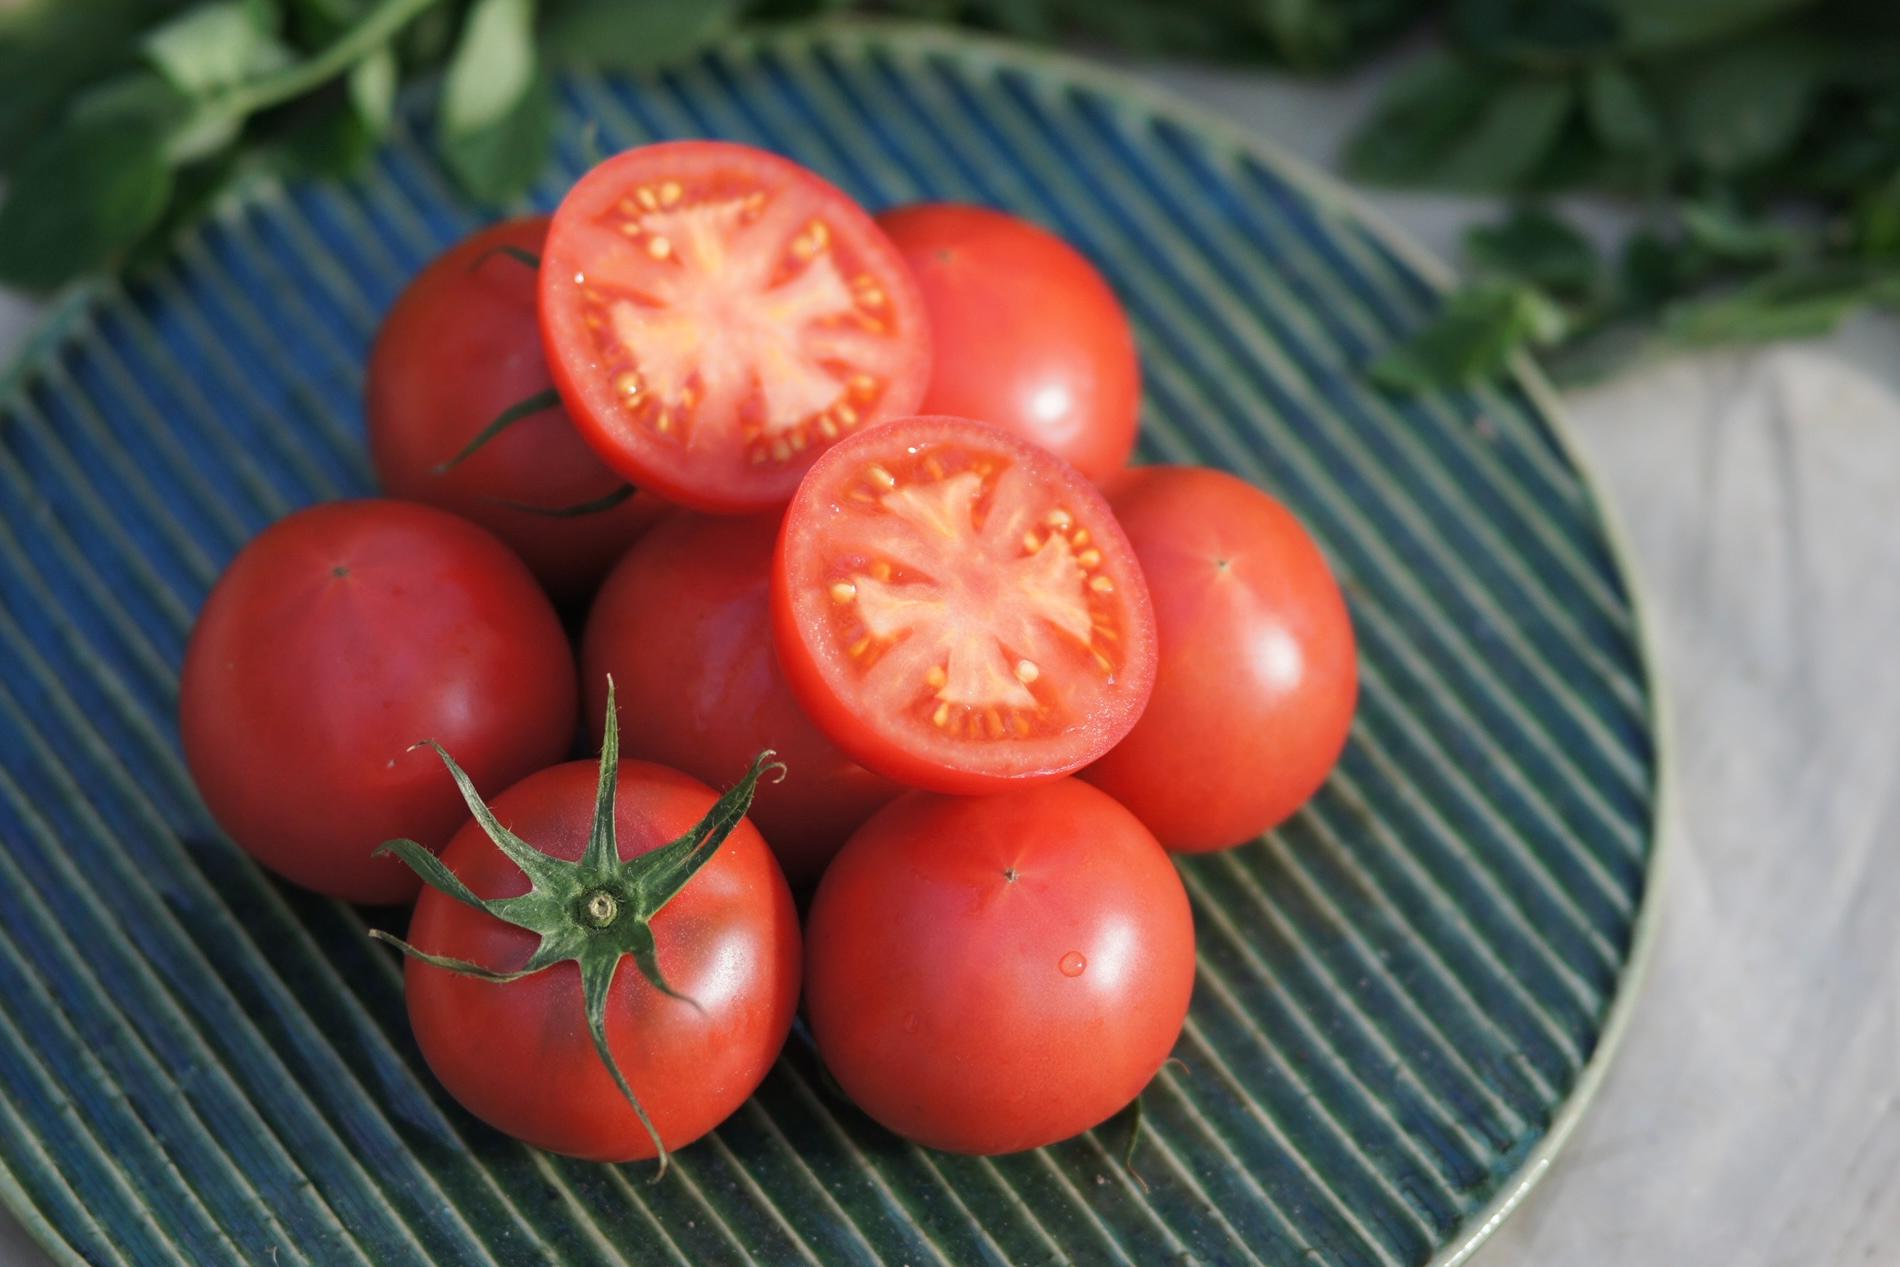 カットしたフルーツトマトの画像